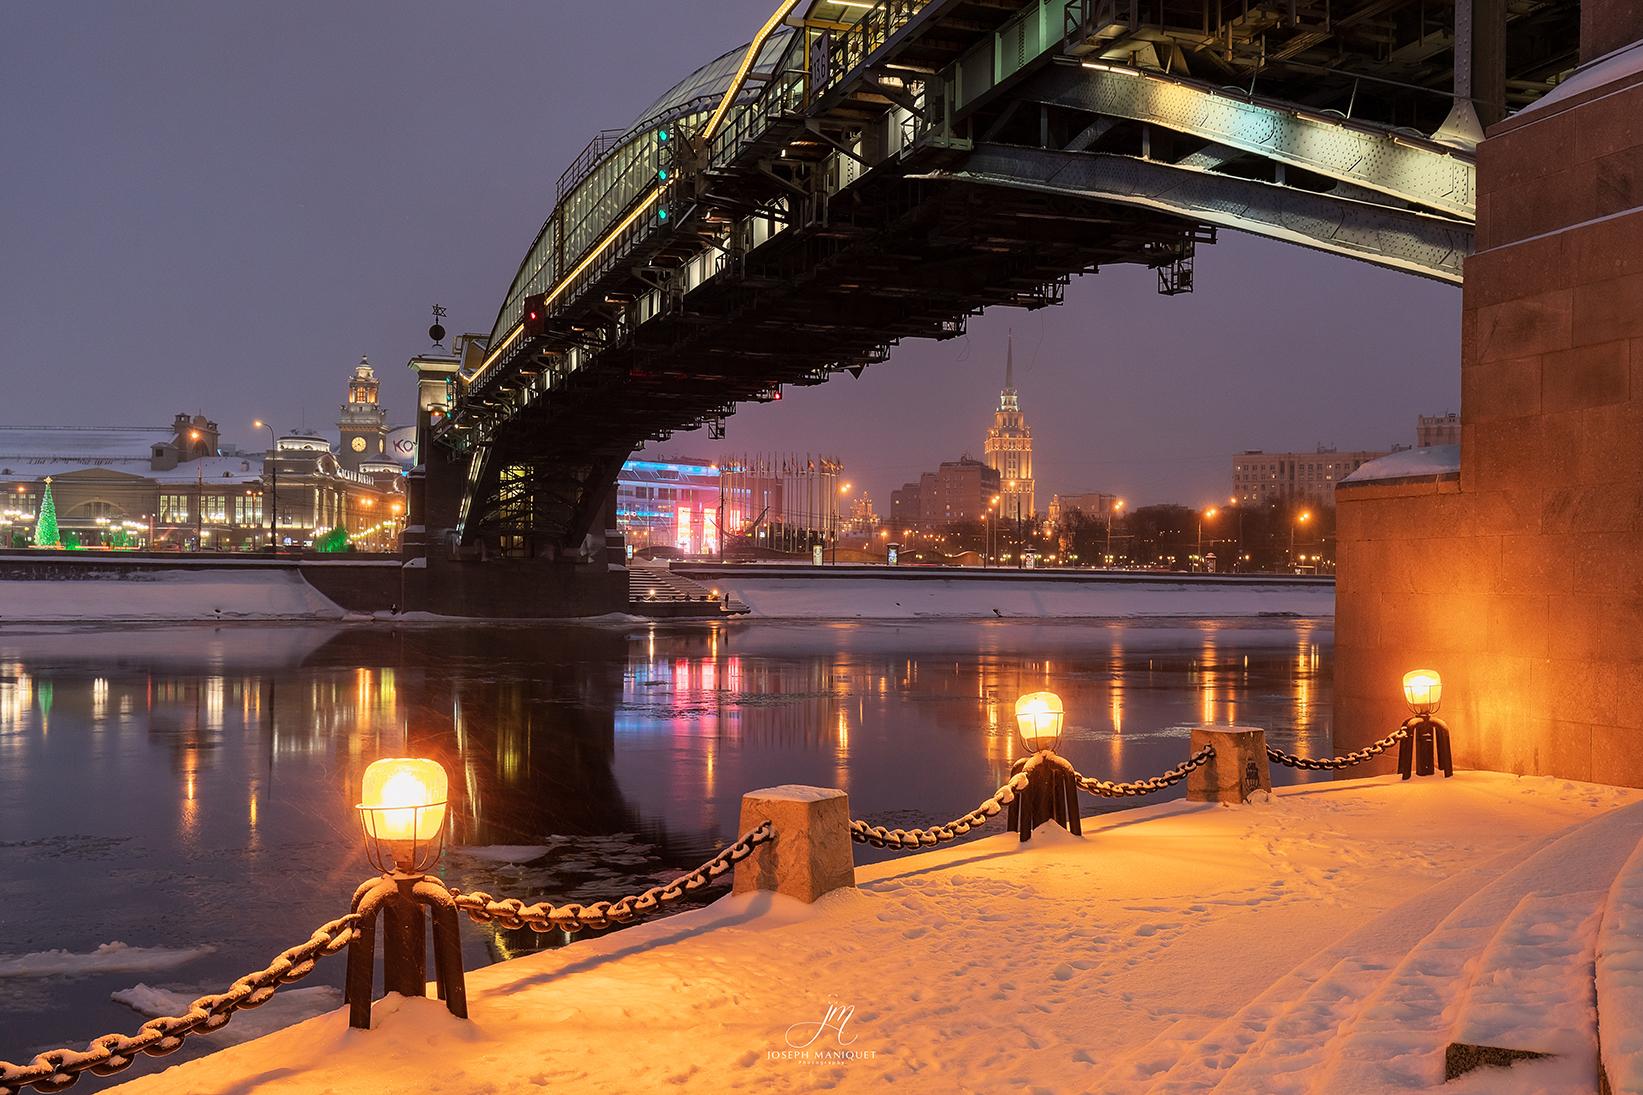 Moskau Bridge, Russian Federation